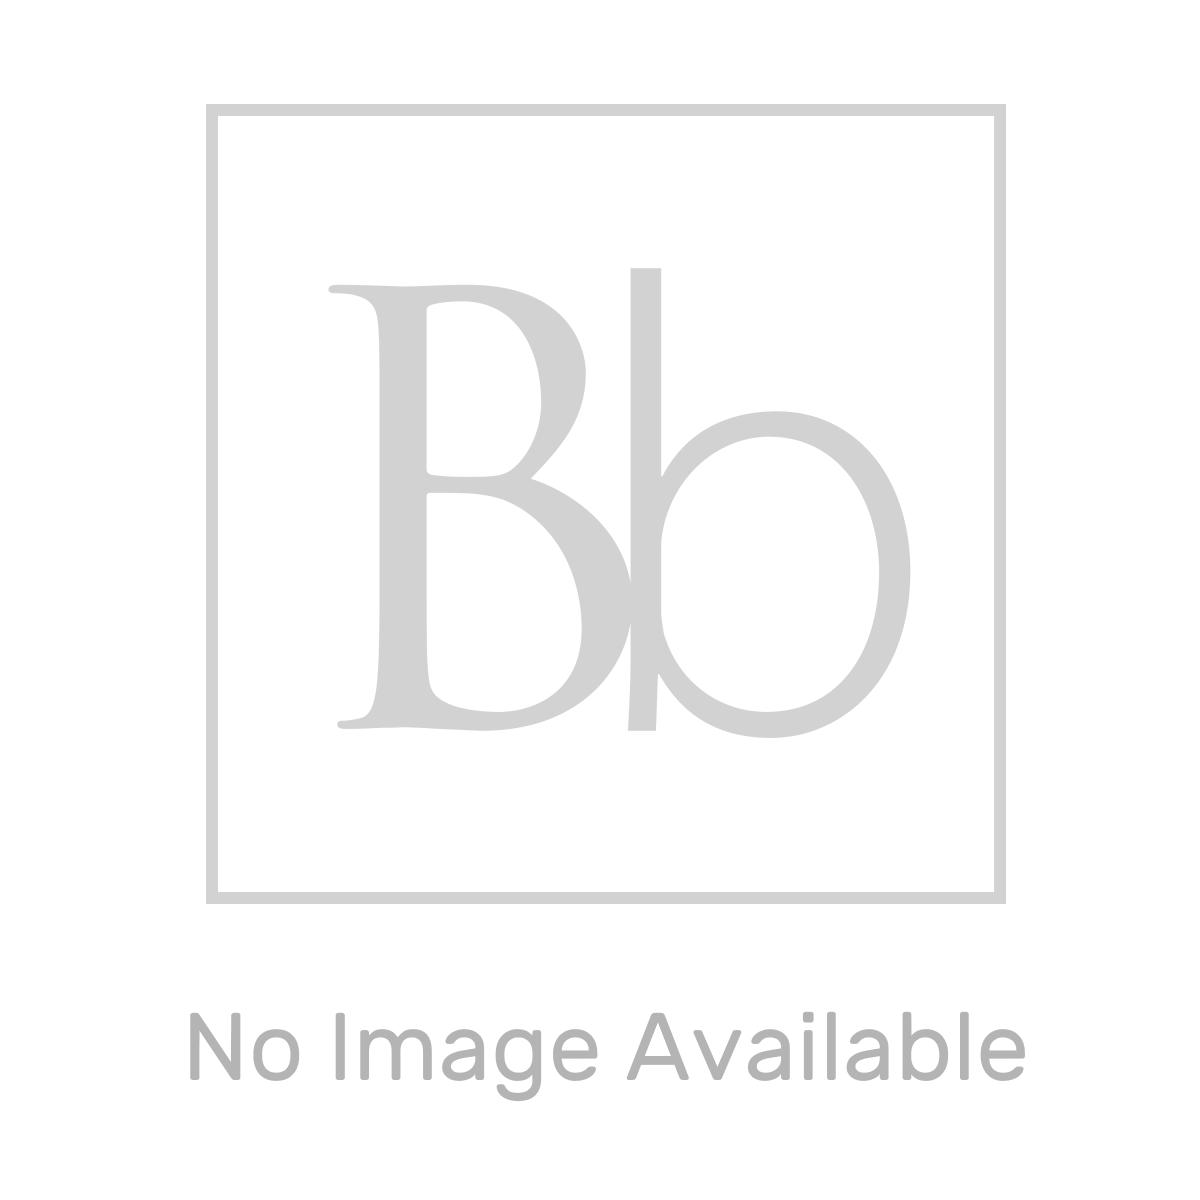 April Prestige2 Black Frameless Sliding Shower Door with Optional Side Panel Profile